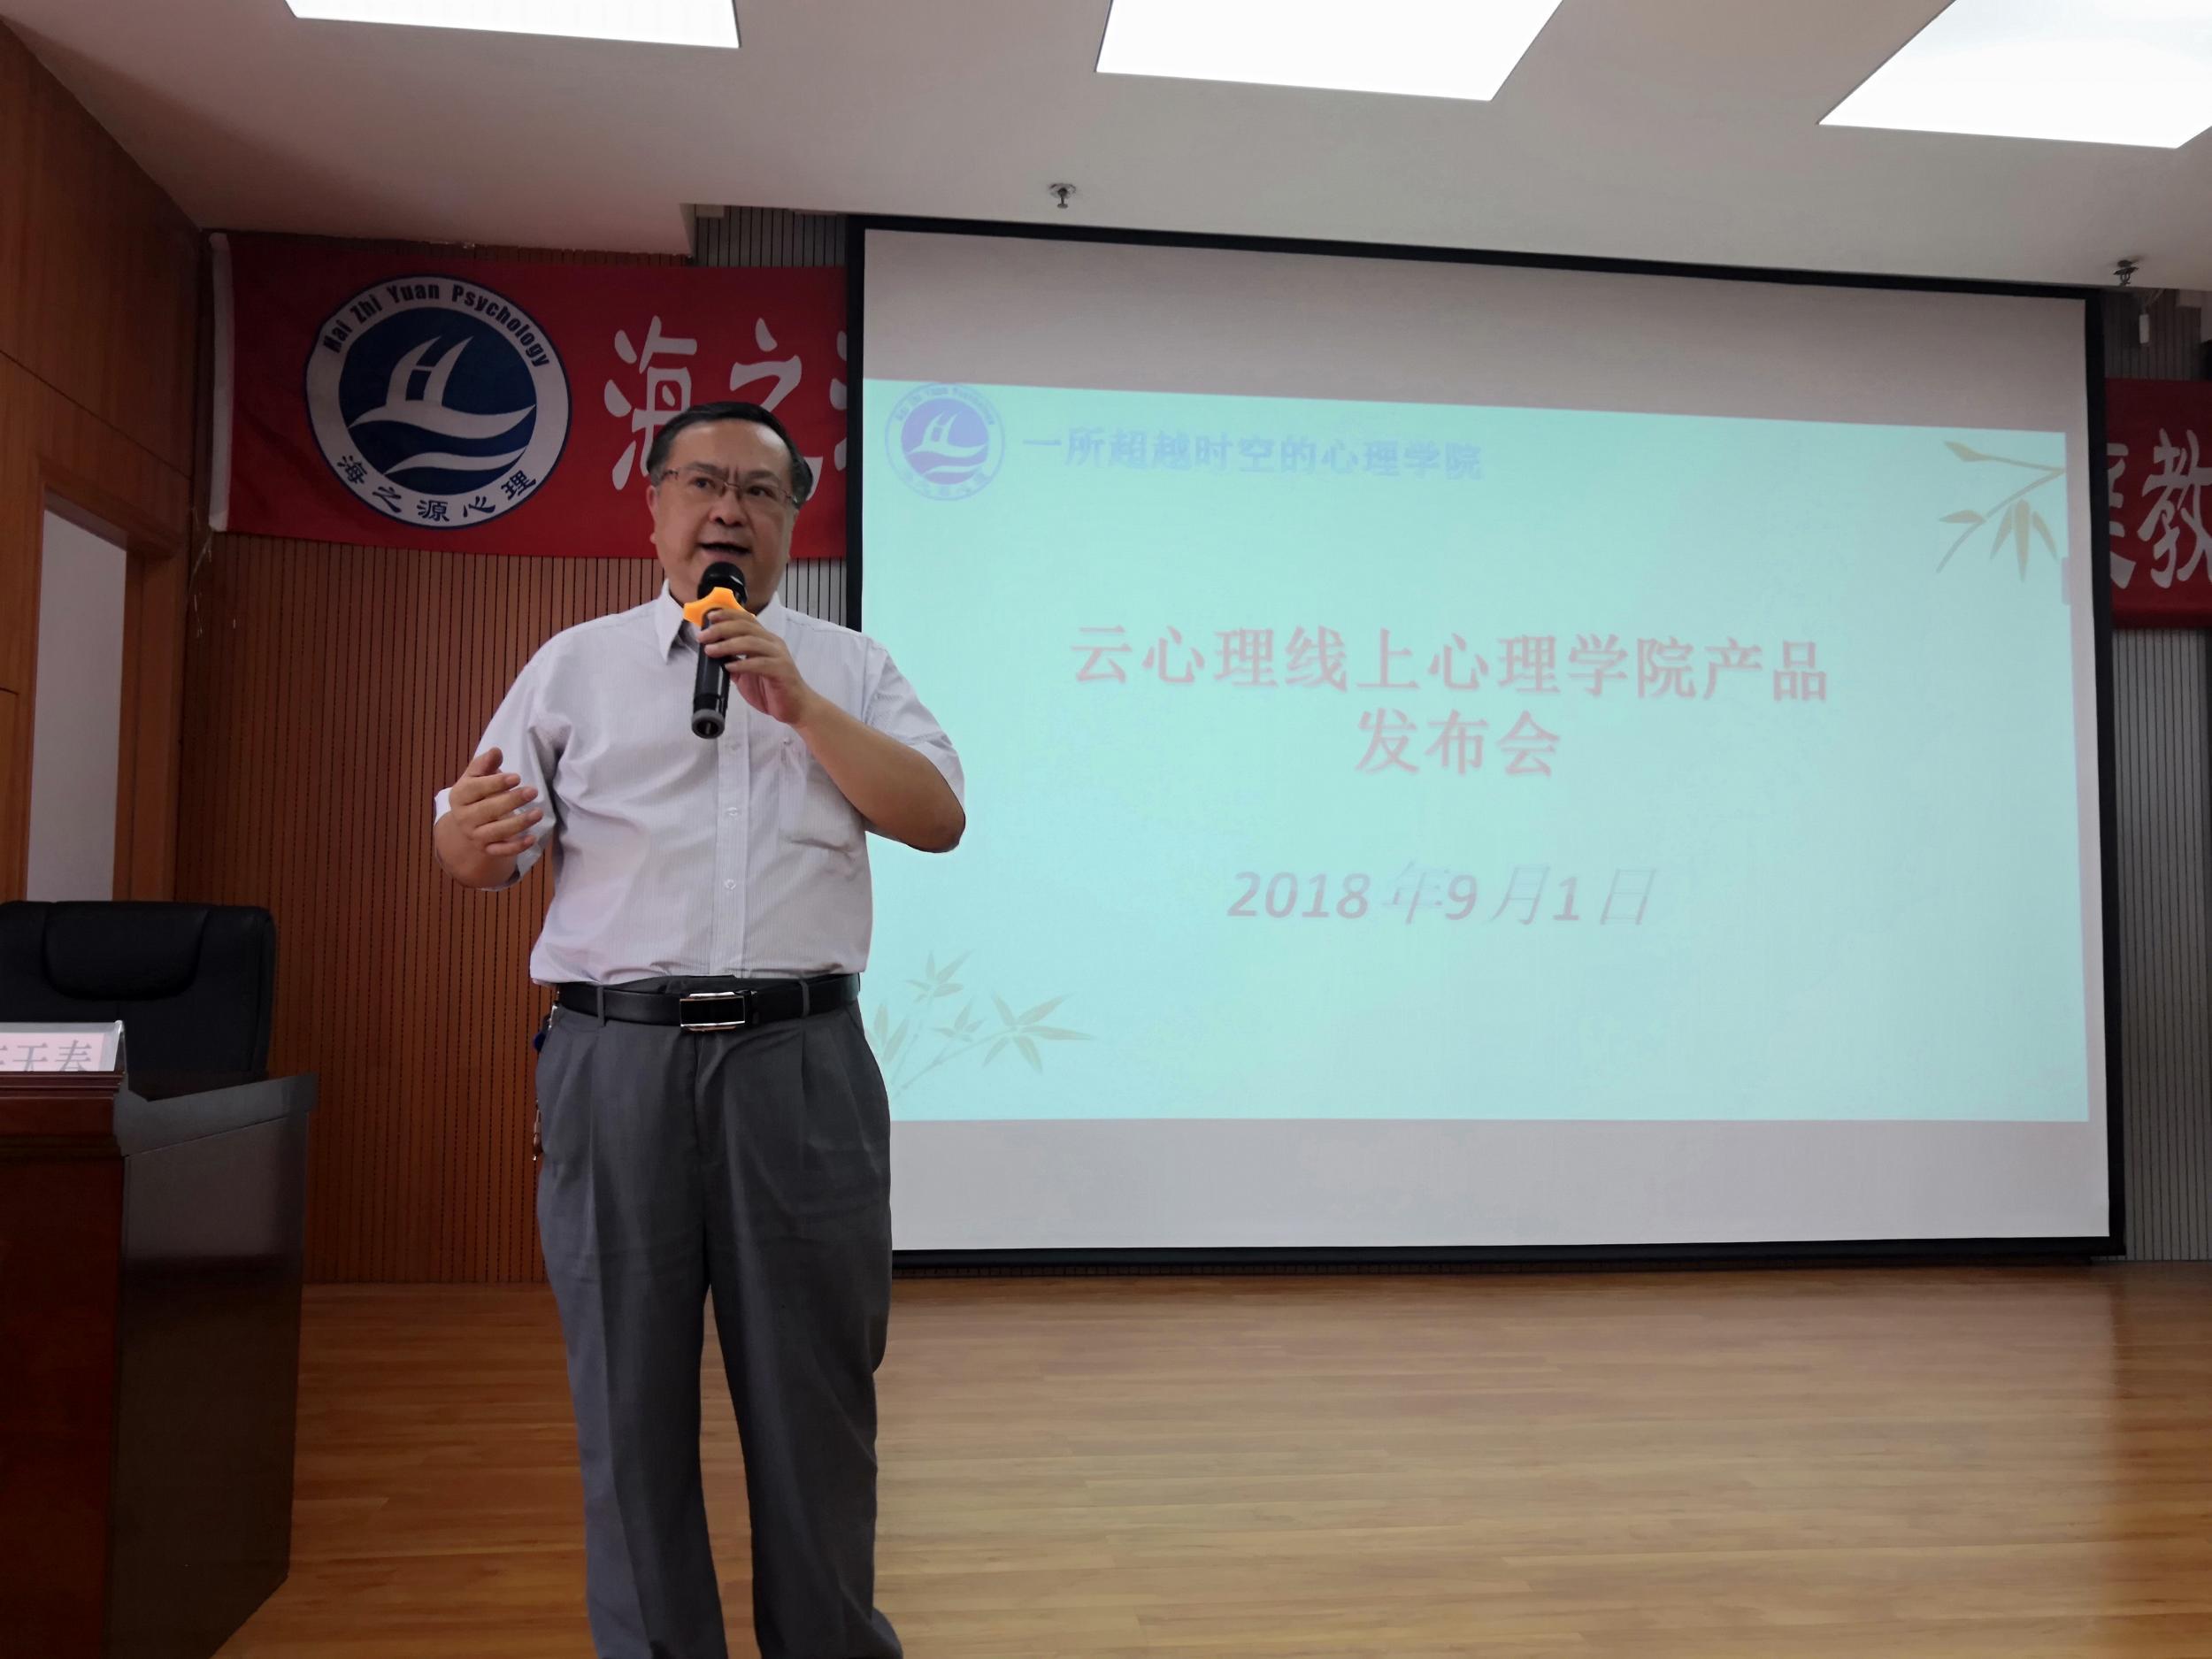 让家长与子女学会相处 贵州省第一届家庭教育节正式启动